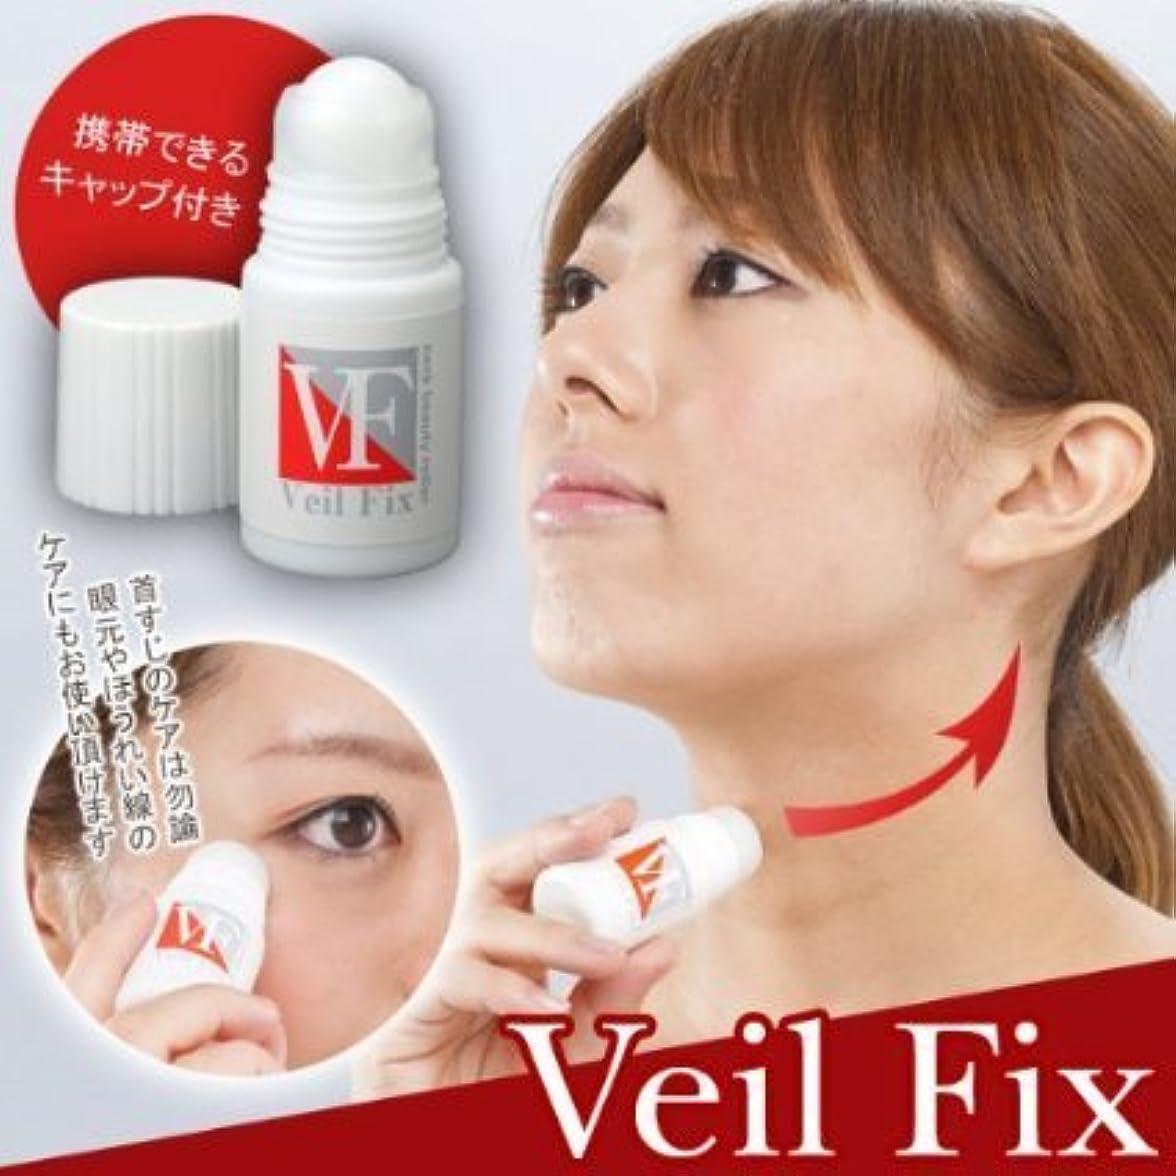 フライト狂ったチョップVeil Fix neck beauty roller(ヴェイル フィックス ネックビューティーローラー)VFエッセンス 20ml